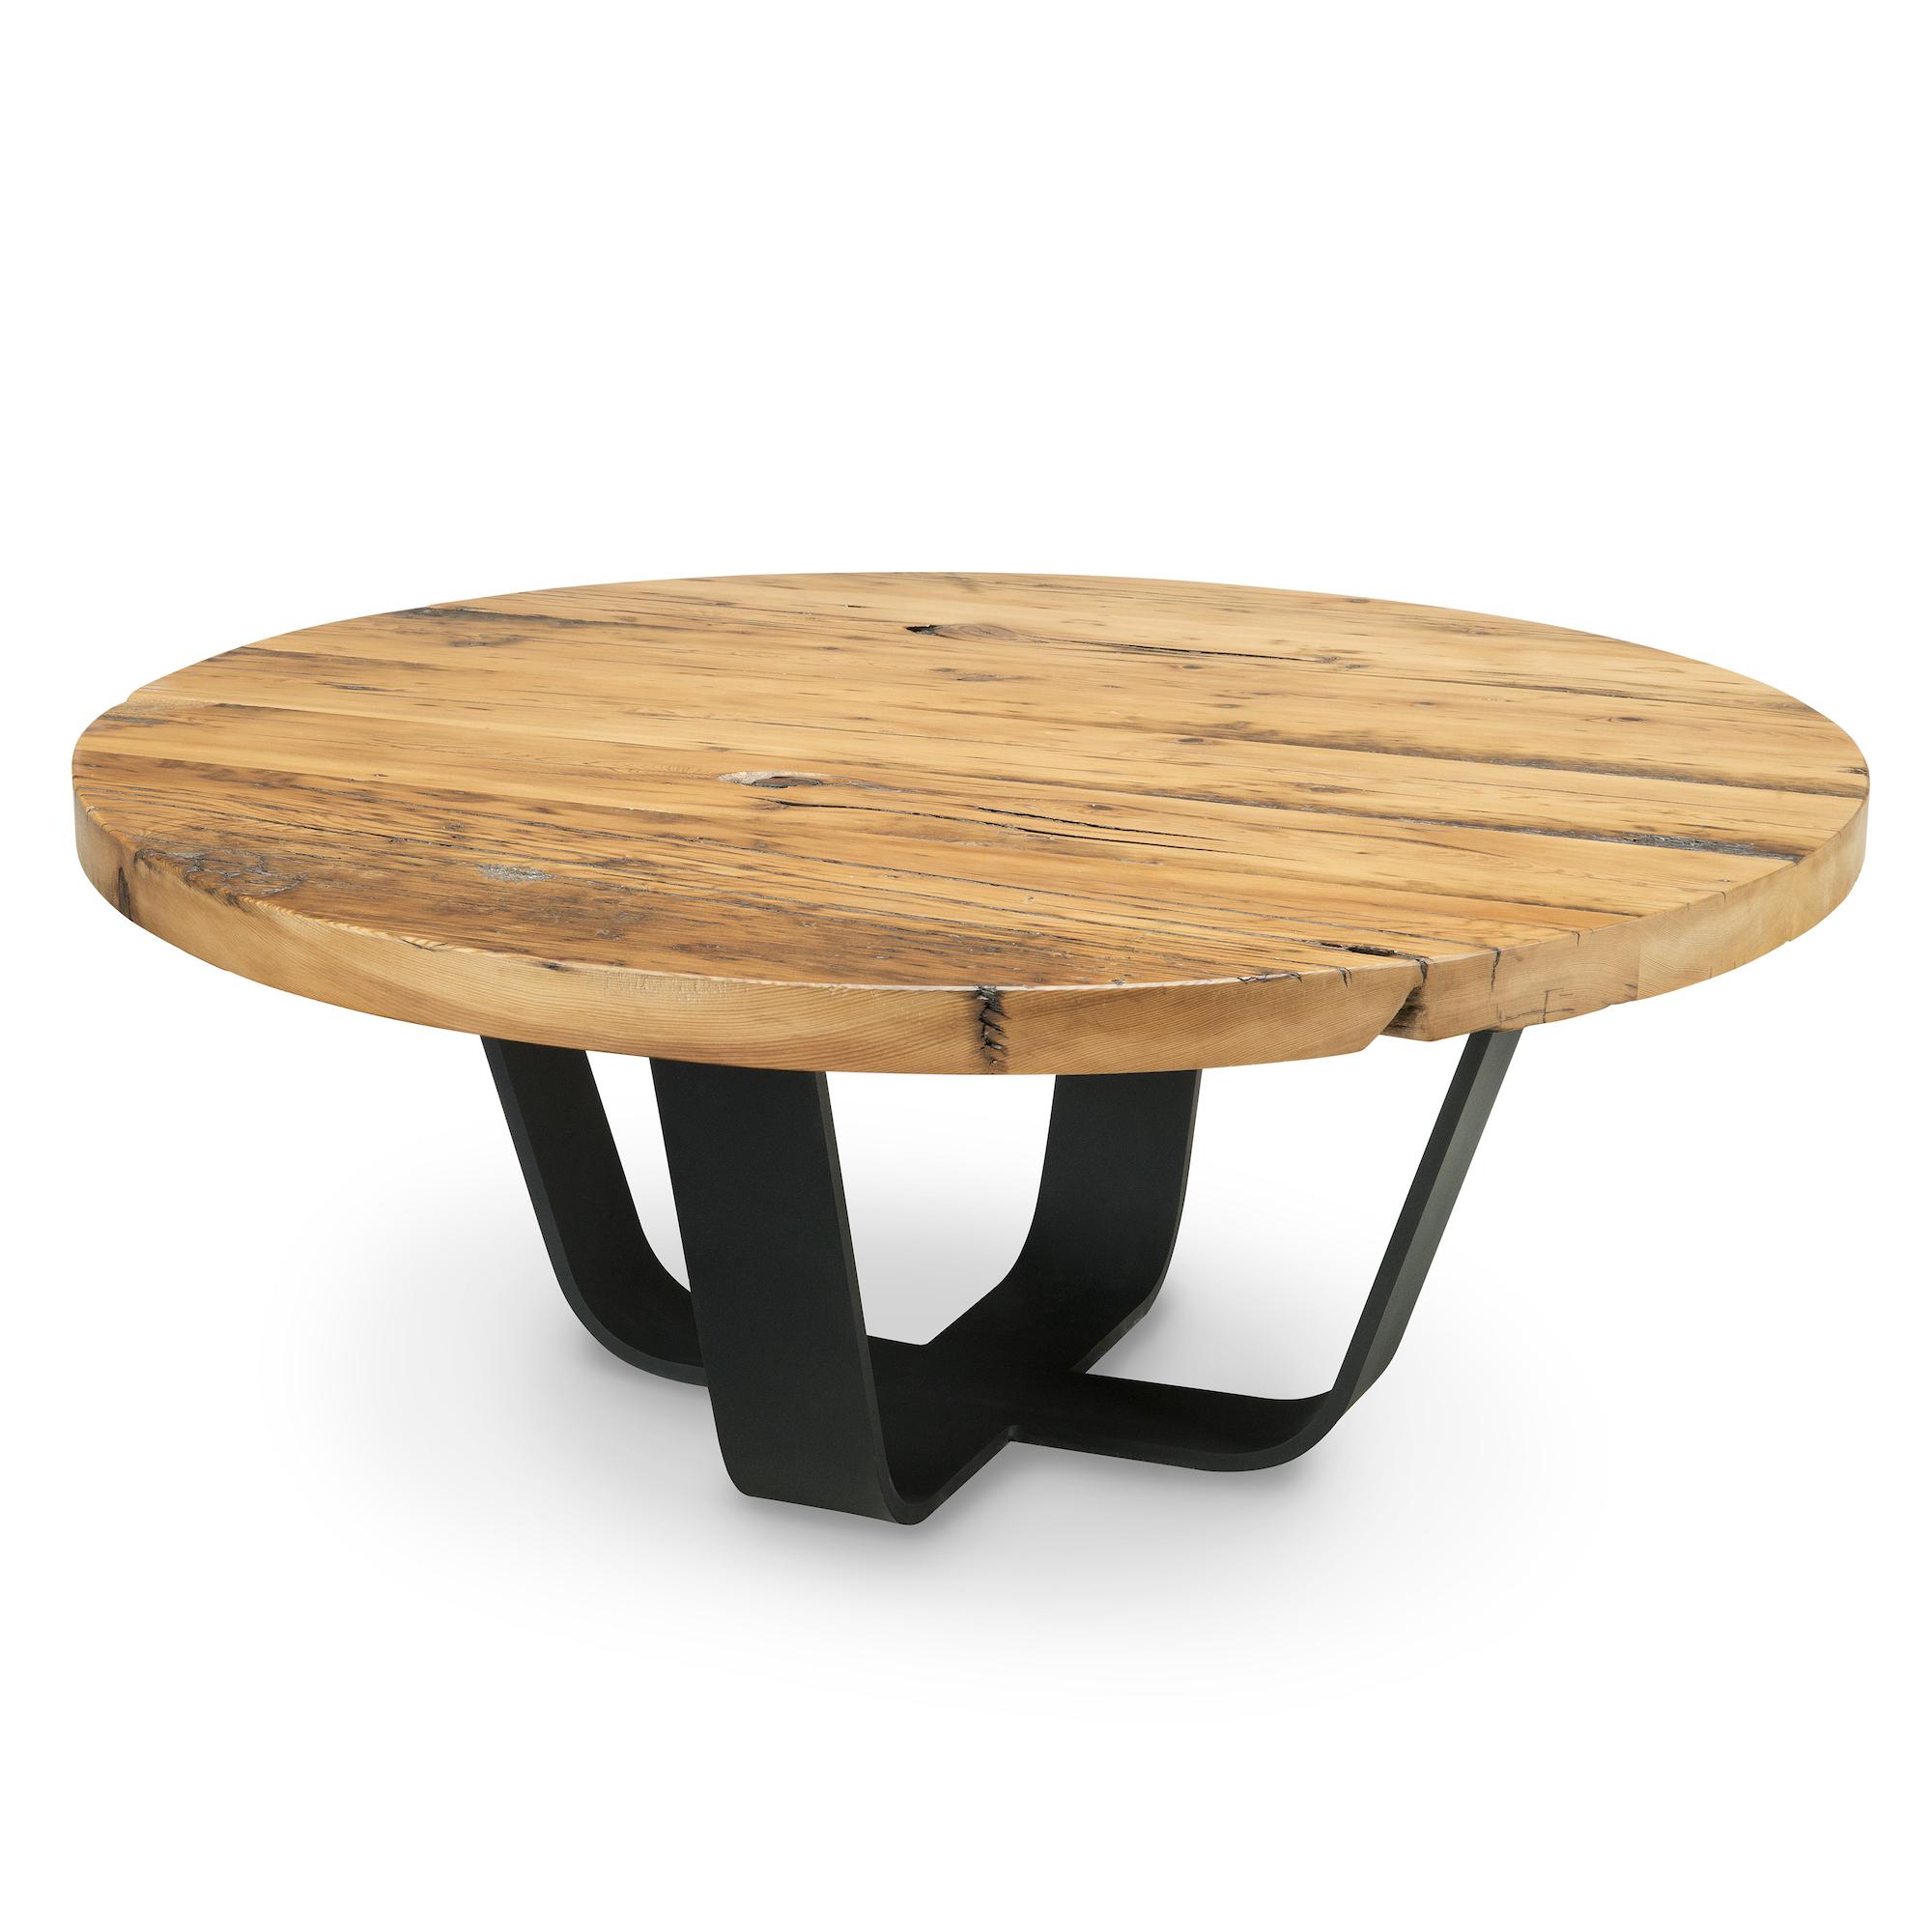 Mercer_Table_Angle-1-1.jpg